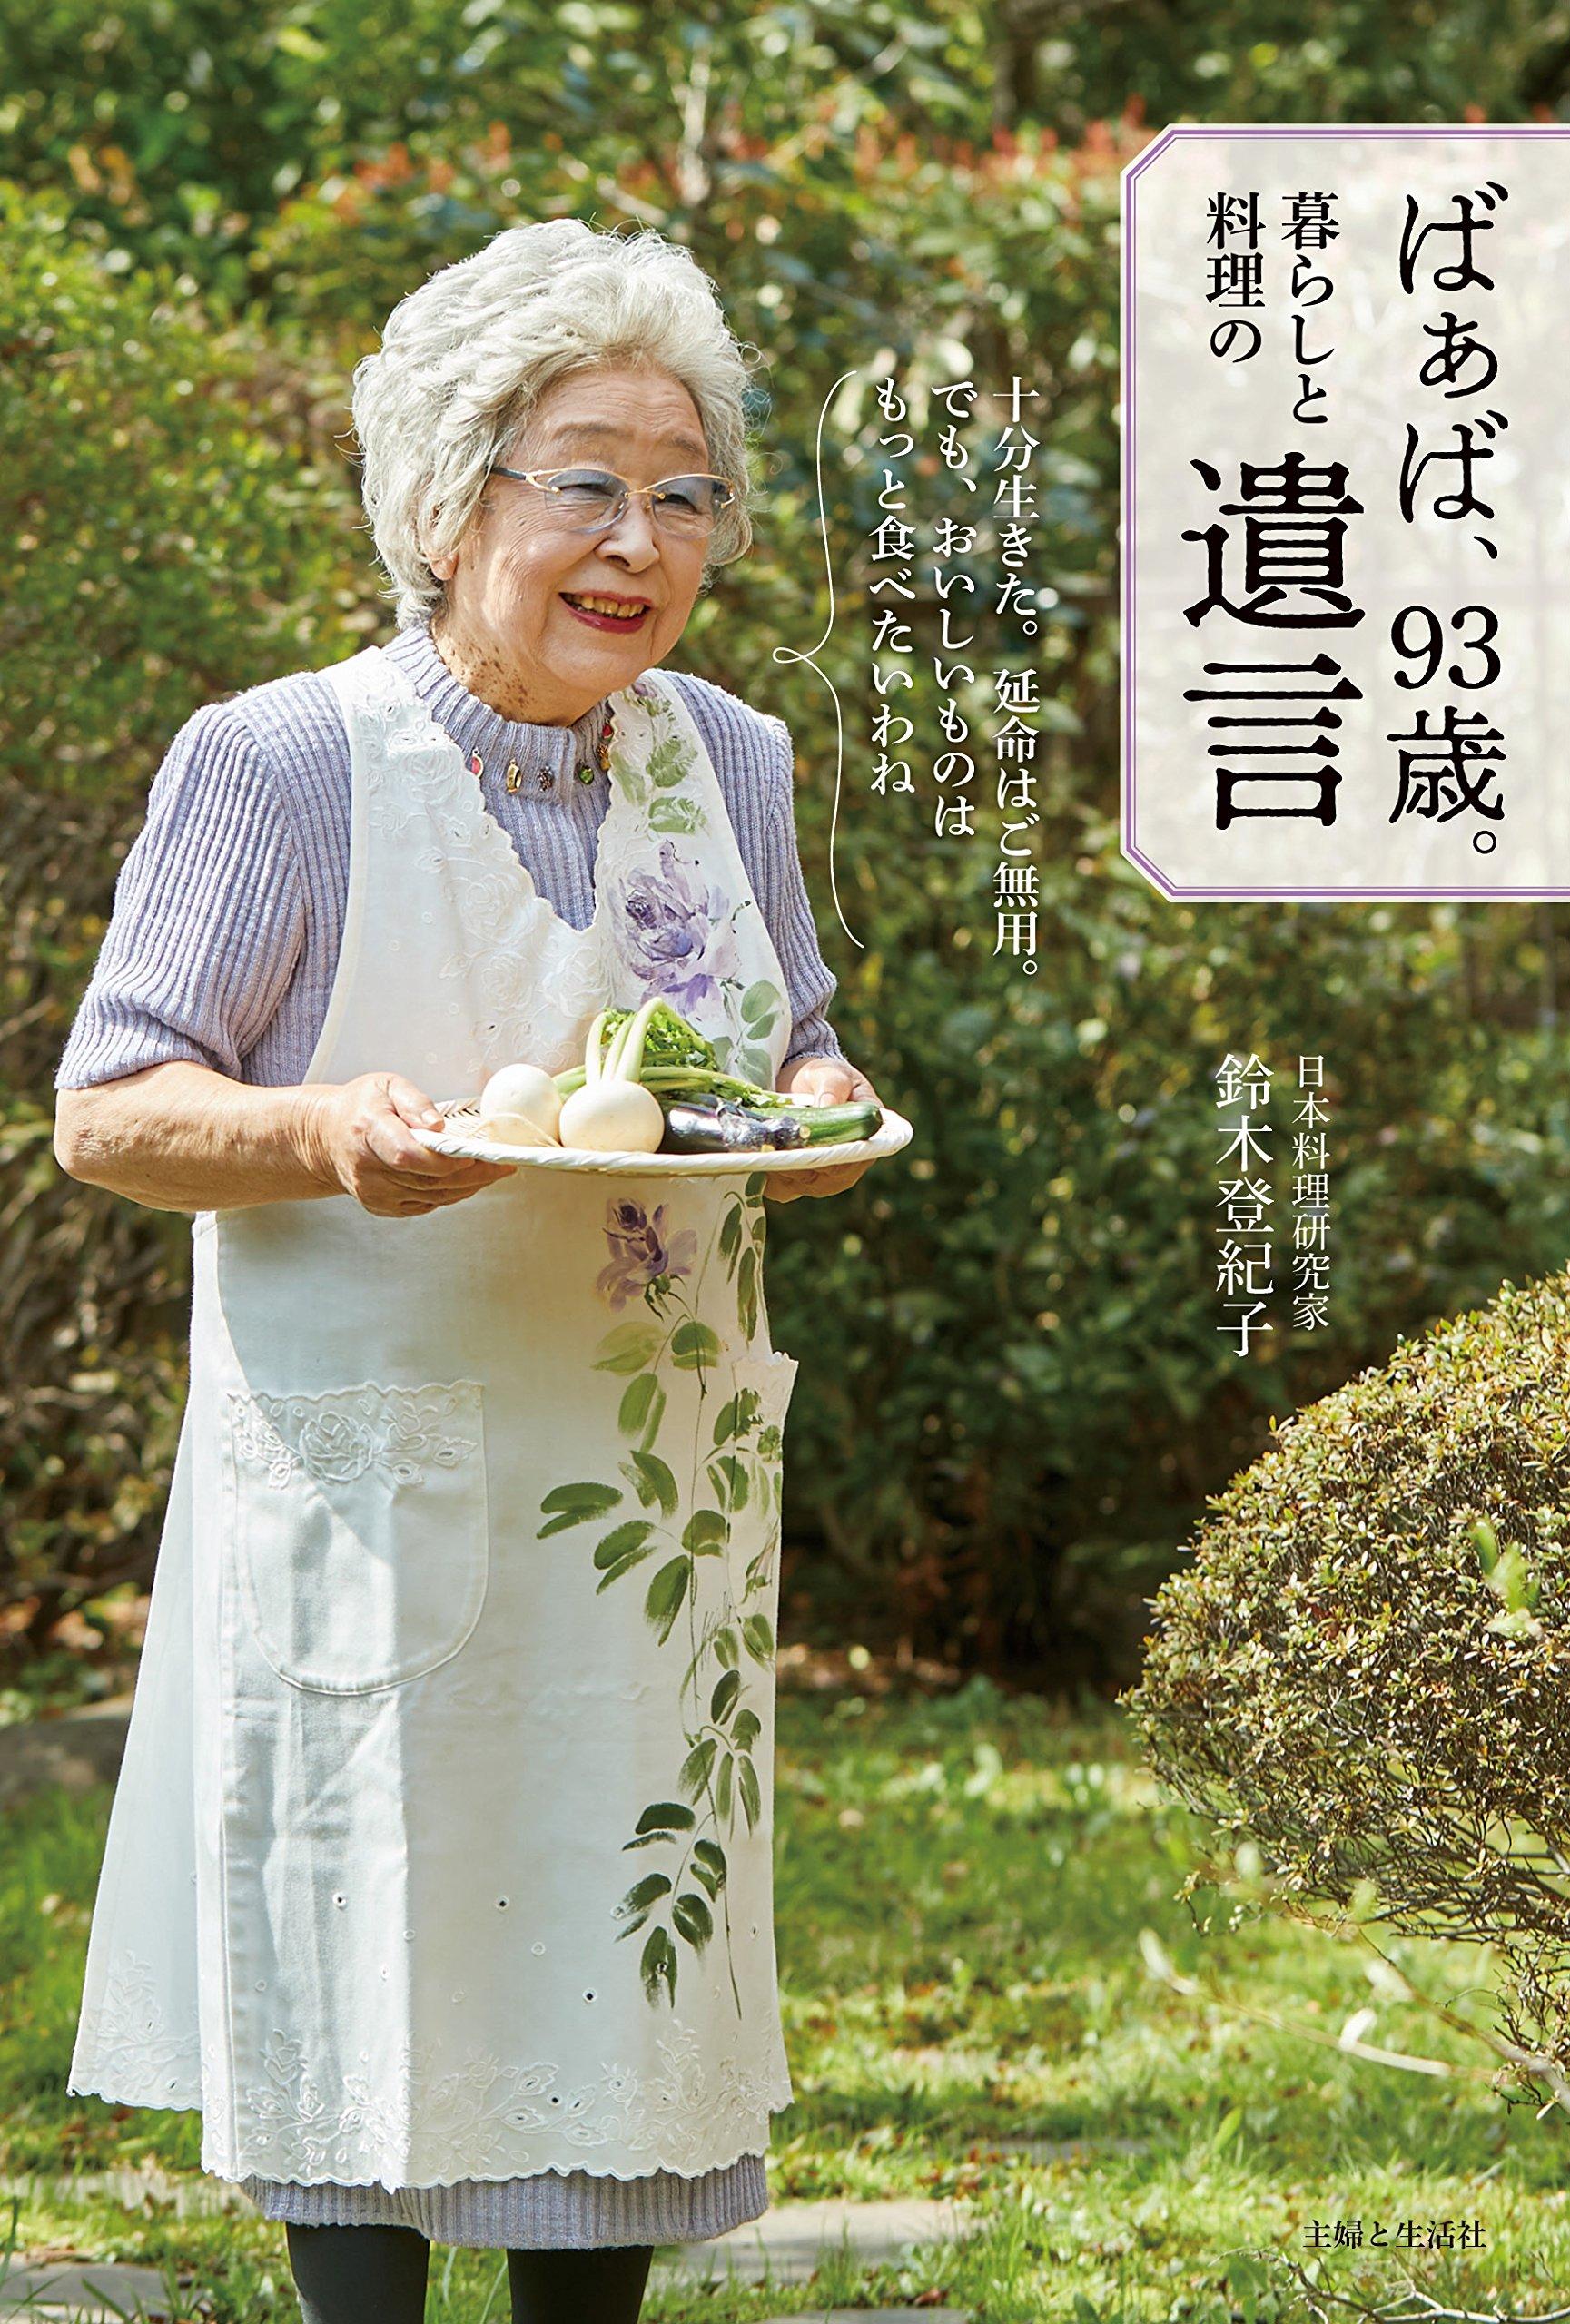 ばぁば、93歳。暮らしと料理の遺言 | 鈴木 登紀子 |本 | 通販 | Amazon